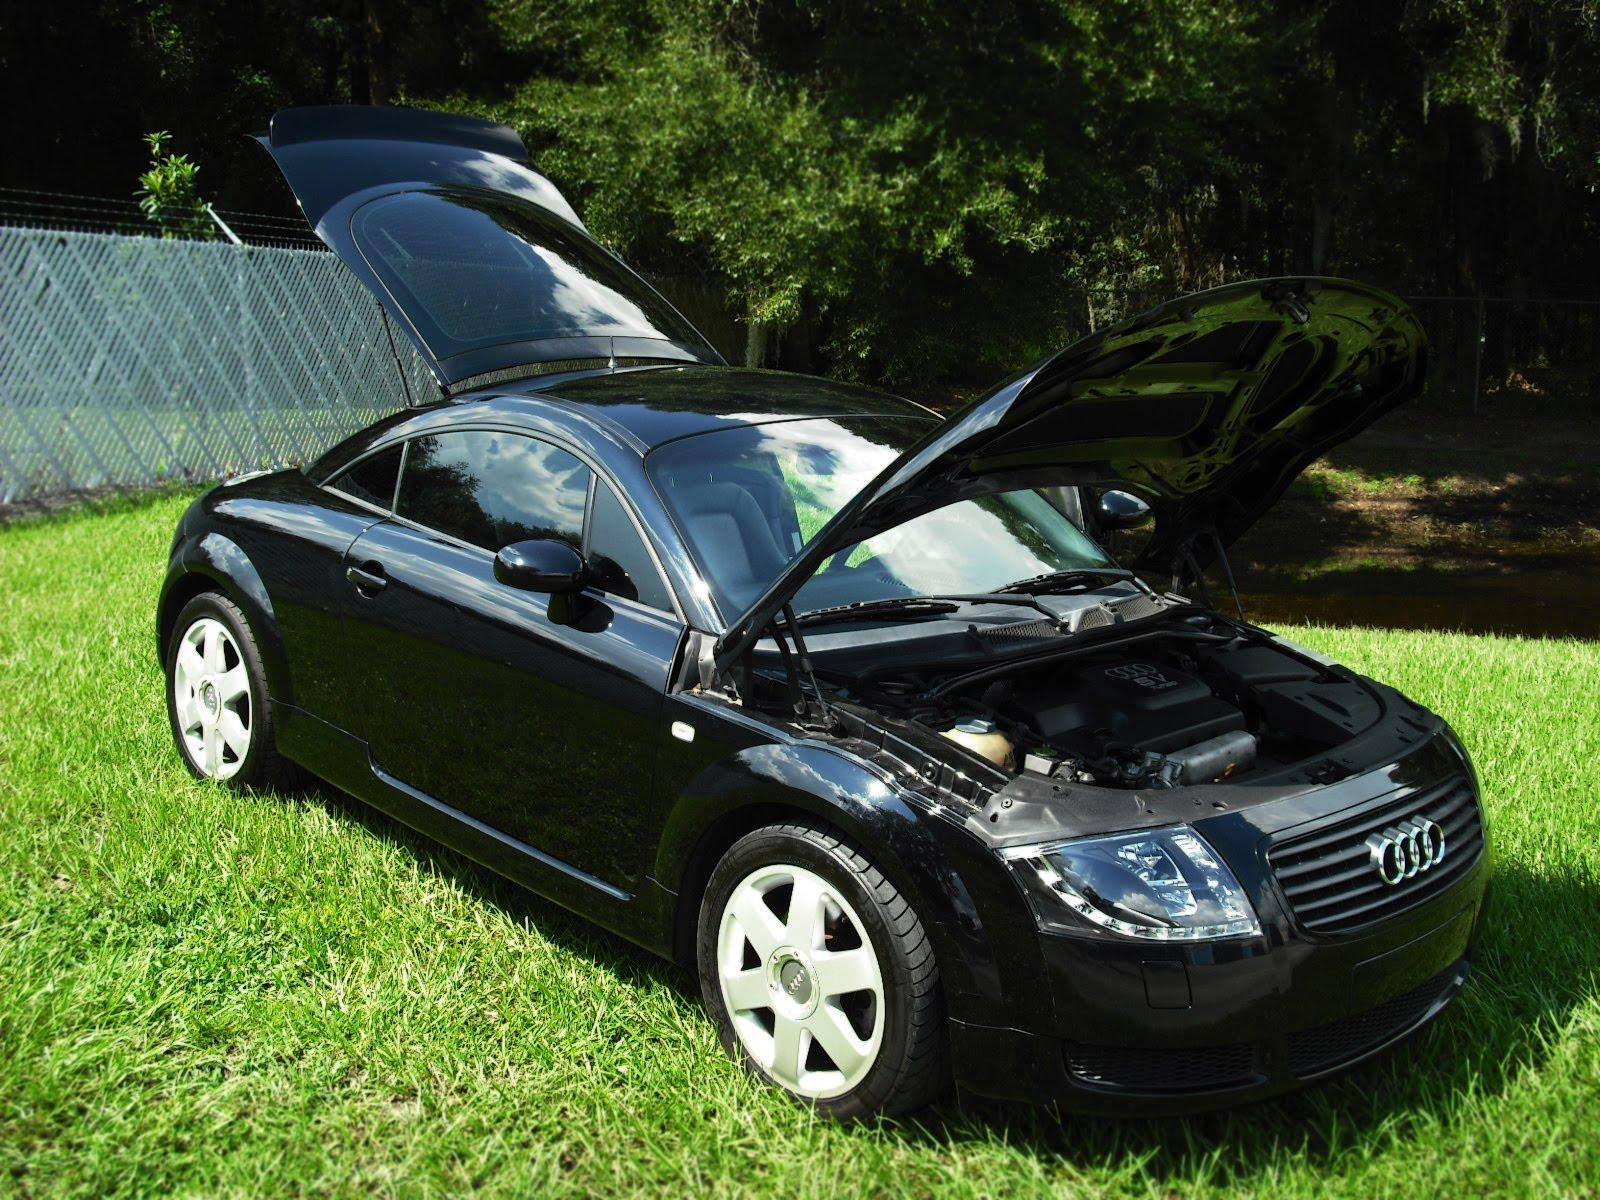 Bose Car Speakers >> AUDI TT 2000: AUDI TT 2000 TURBO on EBAY!